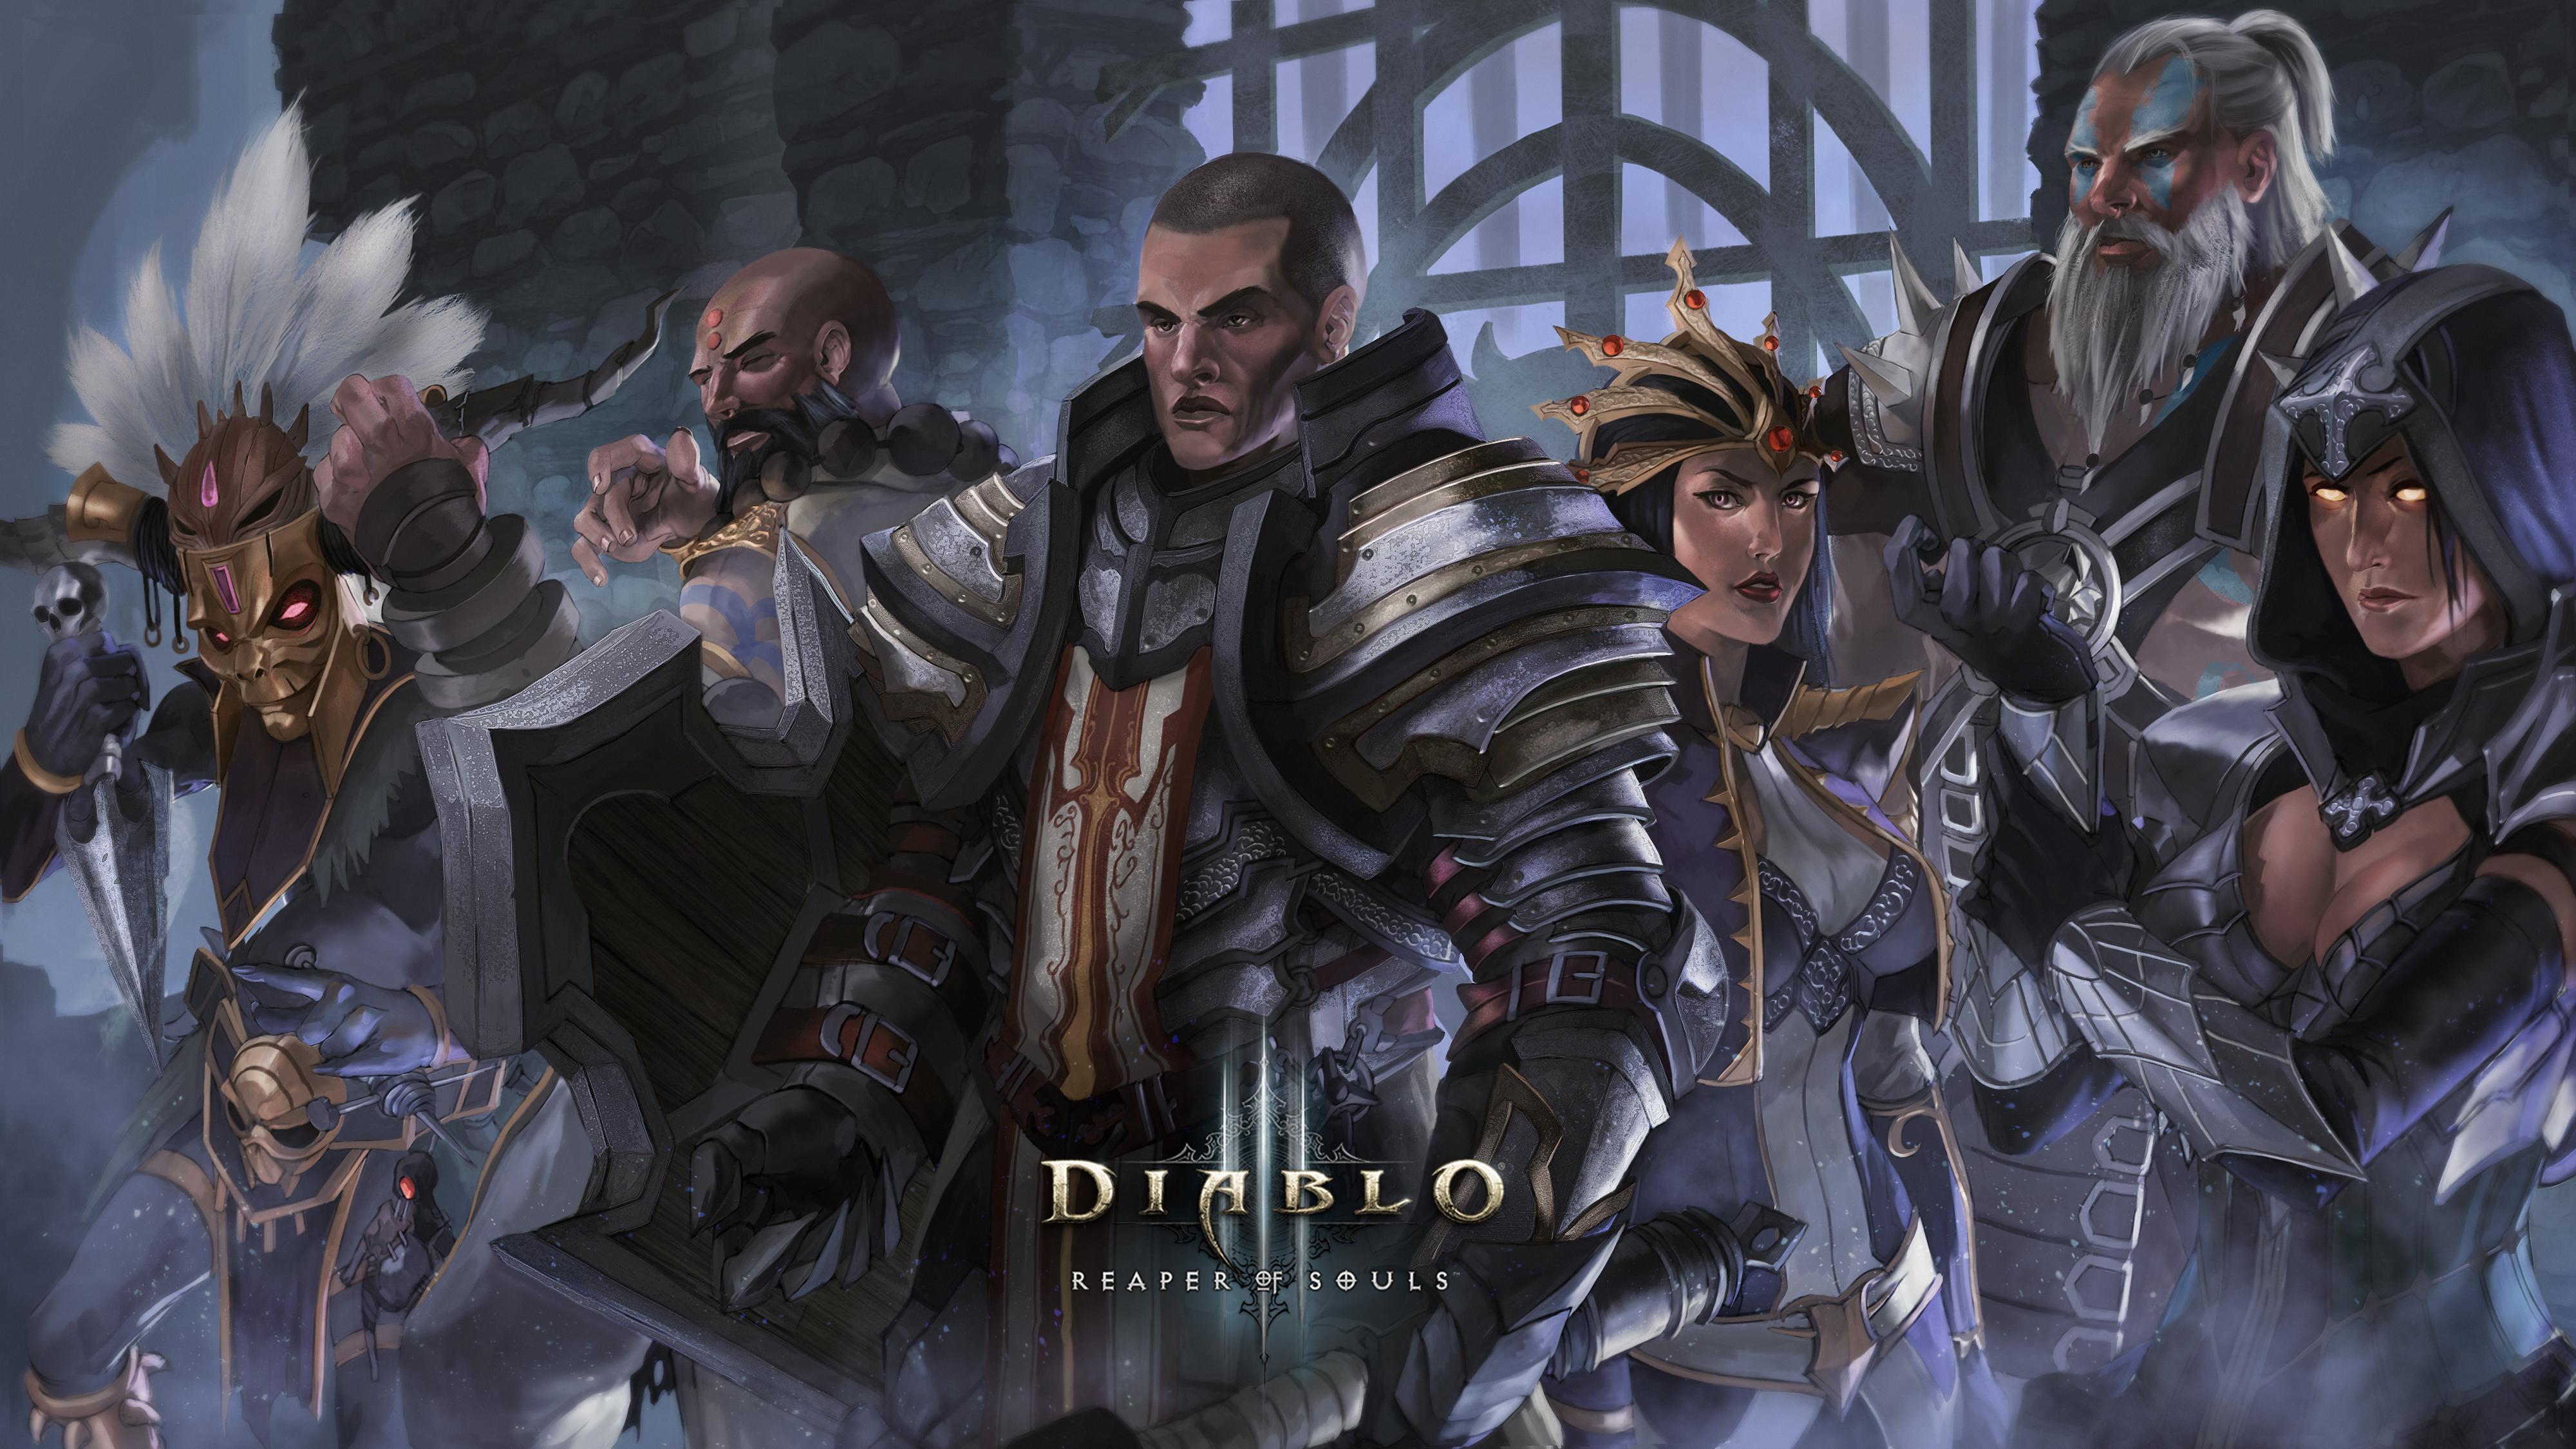 Diablo 3 Reaper Of Souls Wallpapers: Diablo III: Reaper Of Souls Wallpapers, Pictures, Images